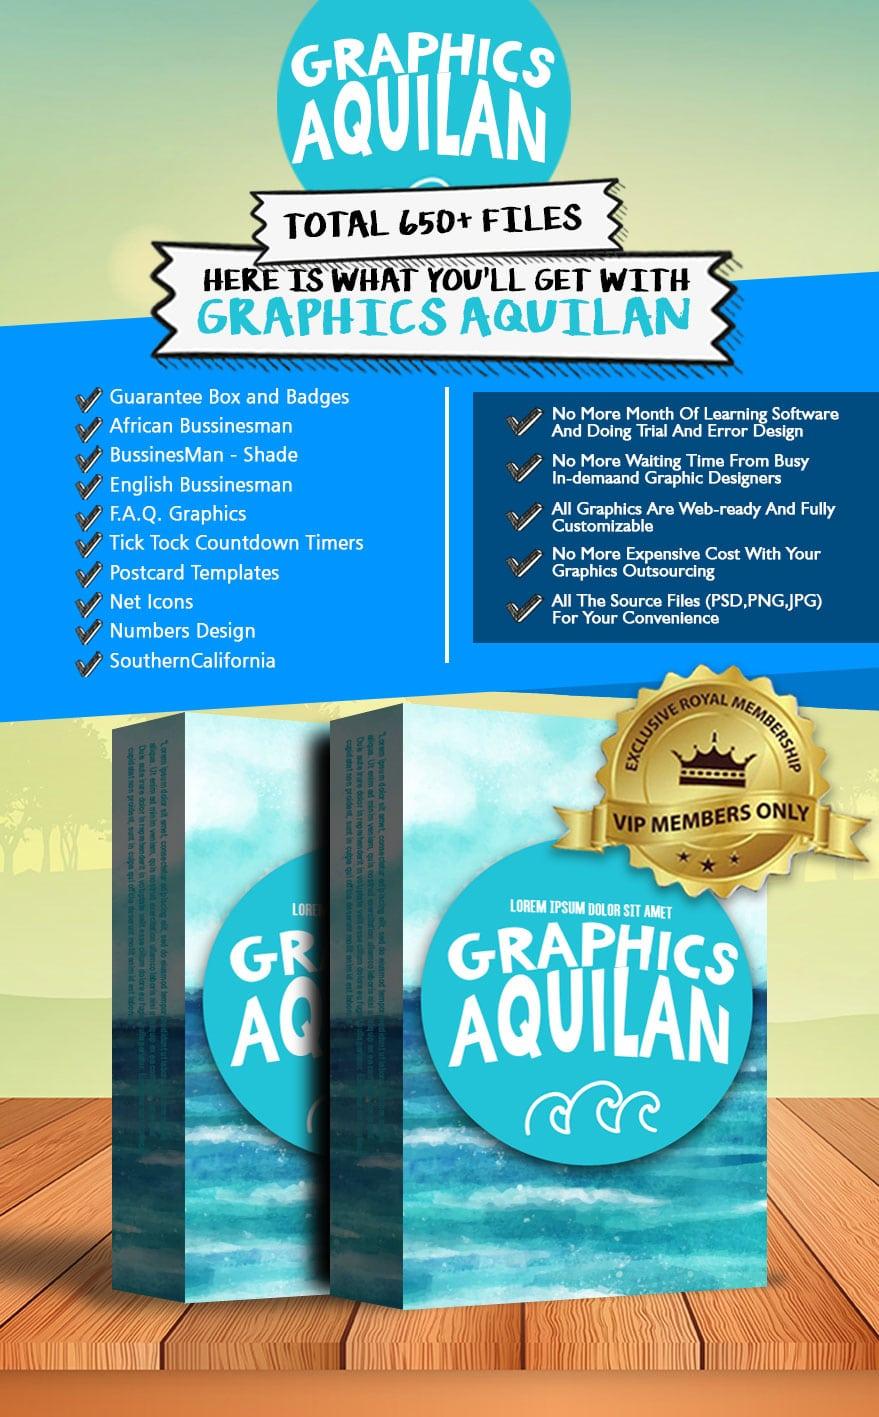 Exclusive Bonus Graphics Aquiland